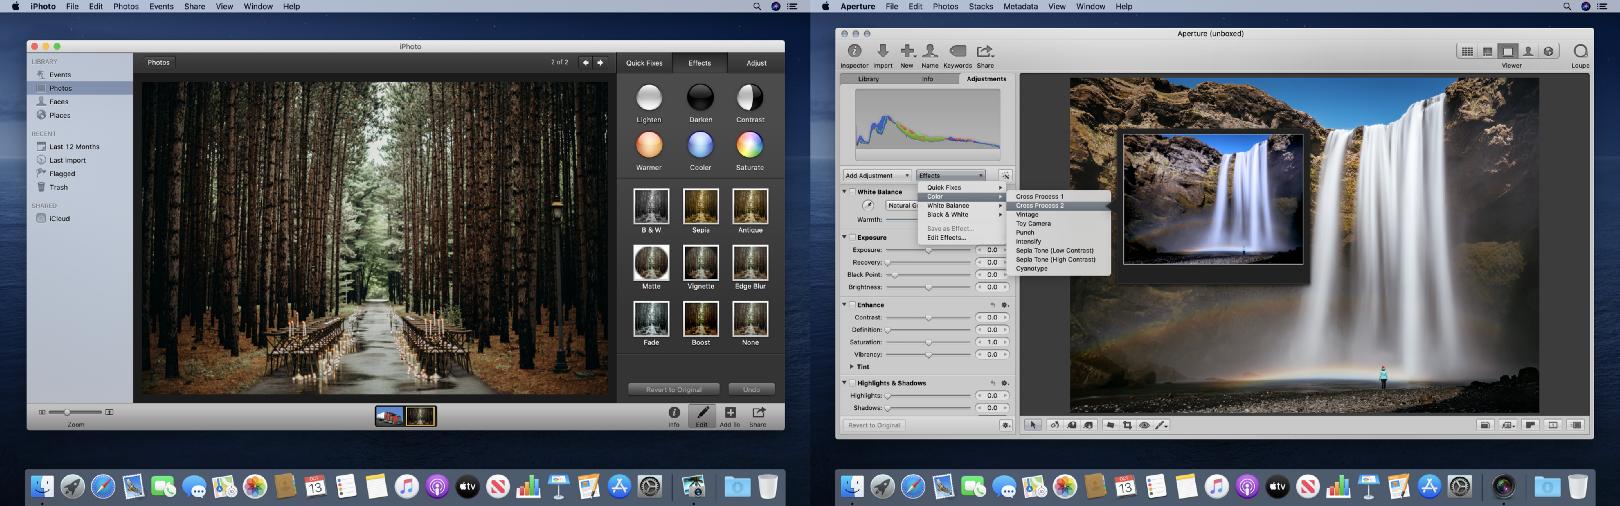 Retroactive 1.9, aggiornato il software per riavere Aperture, iPhoto e iTunes su macOS Catalina e Big Sur